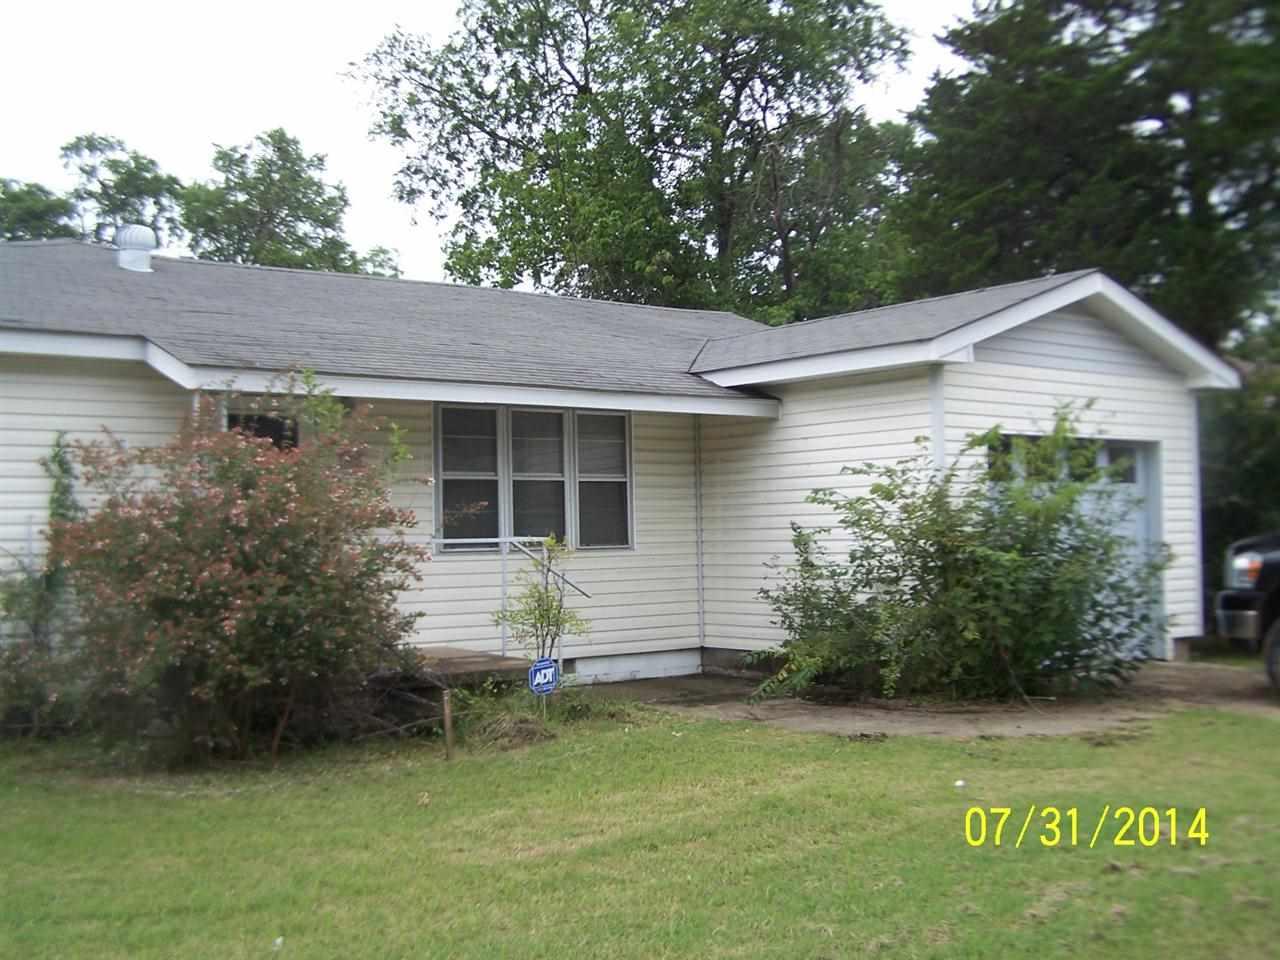 Real Estate for Sale, ListingId: 29337571, Atoka,OK74525